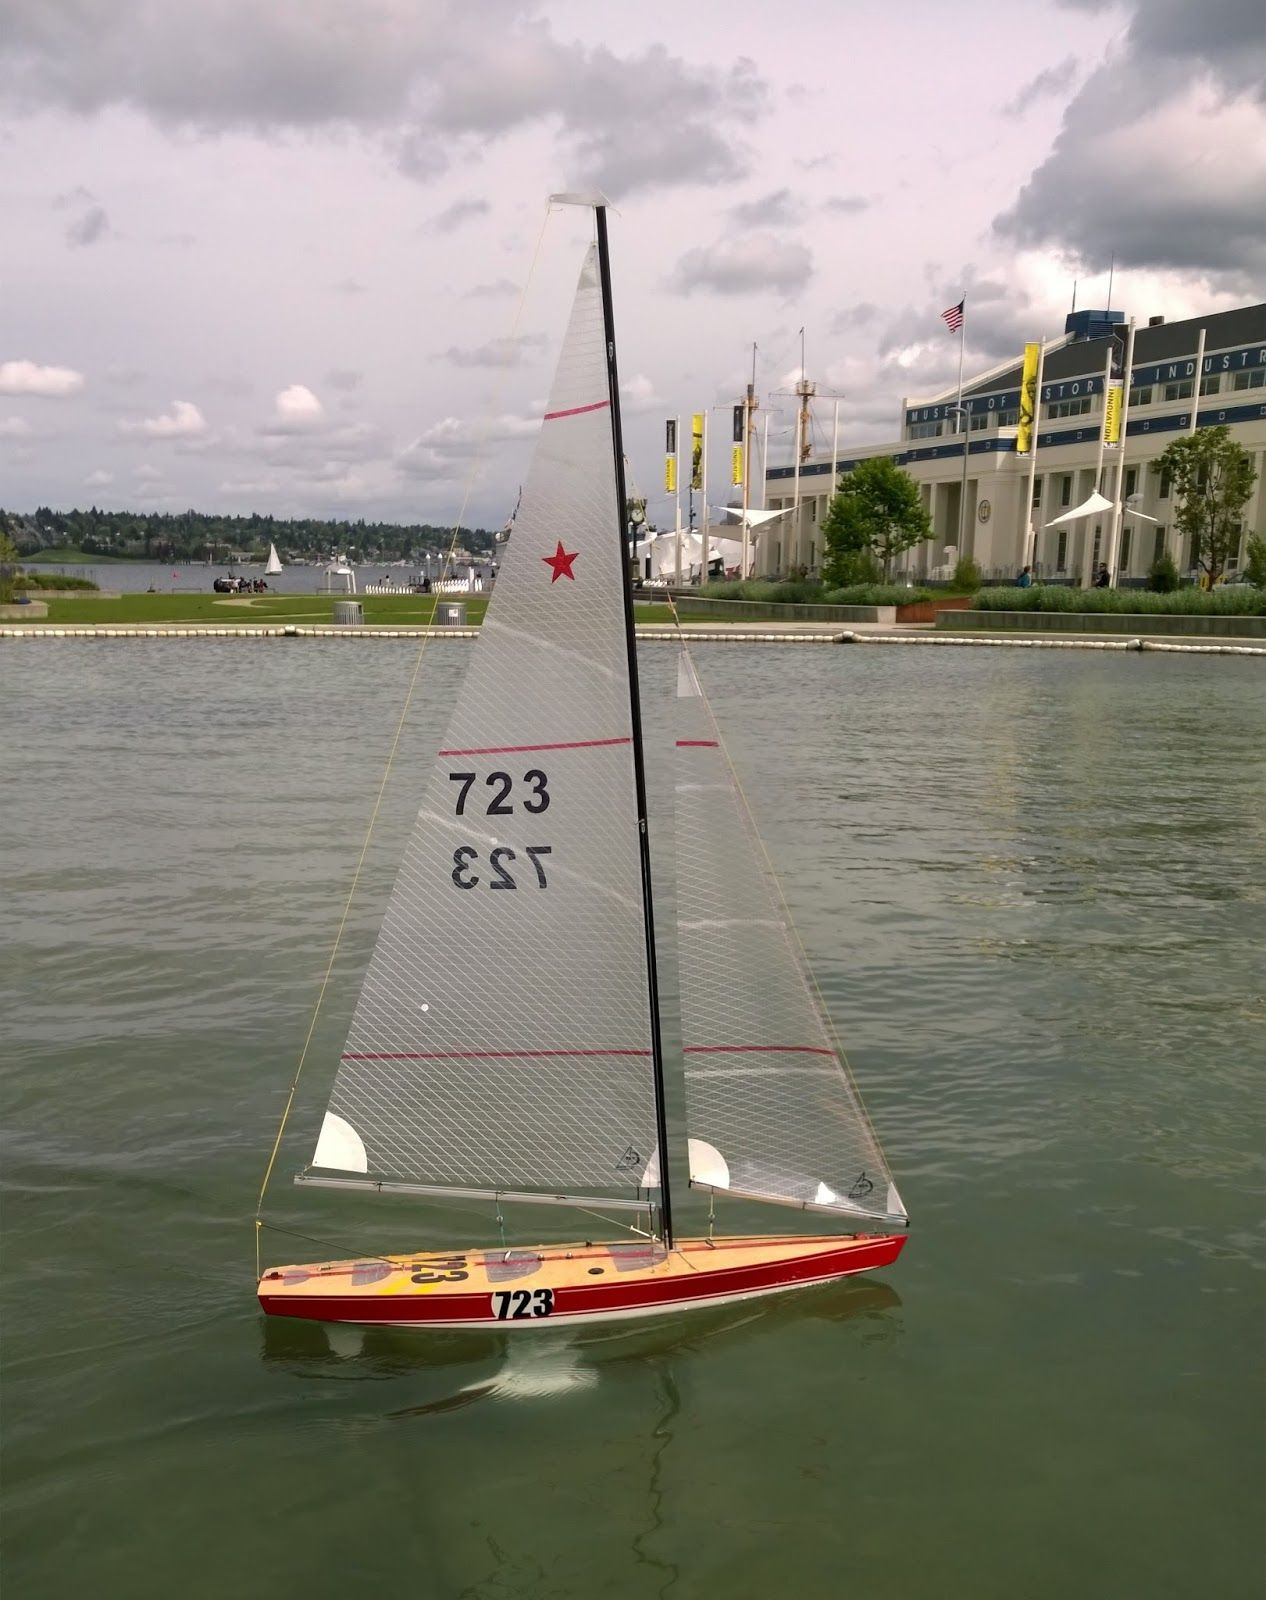 Star 45 RC Sailboat on her maiden voyage | saildoat | Pinterest | Voyage